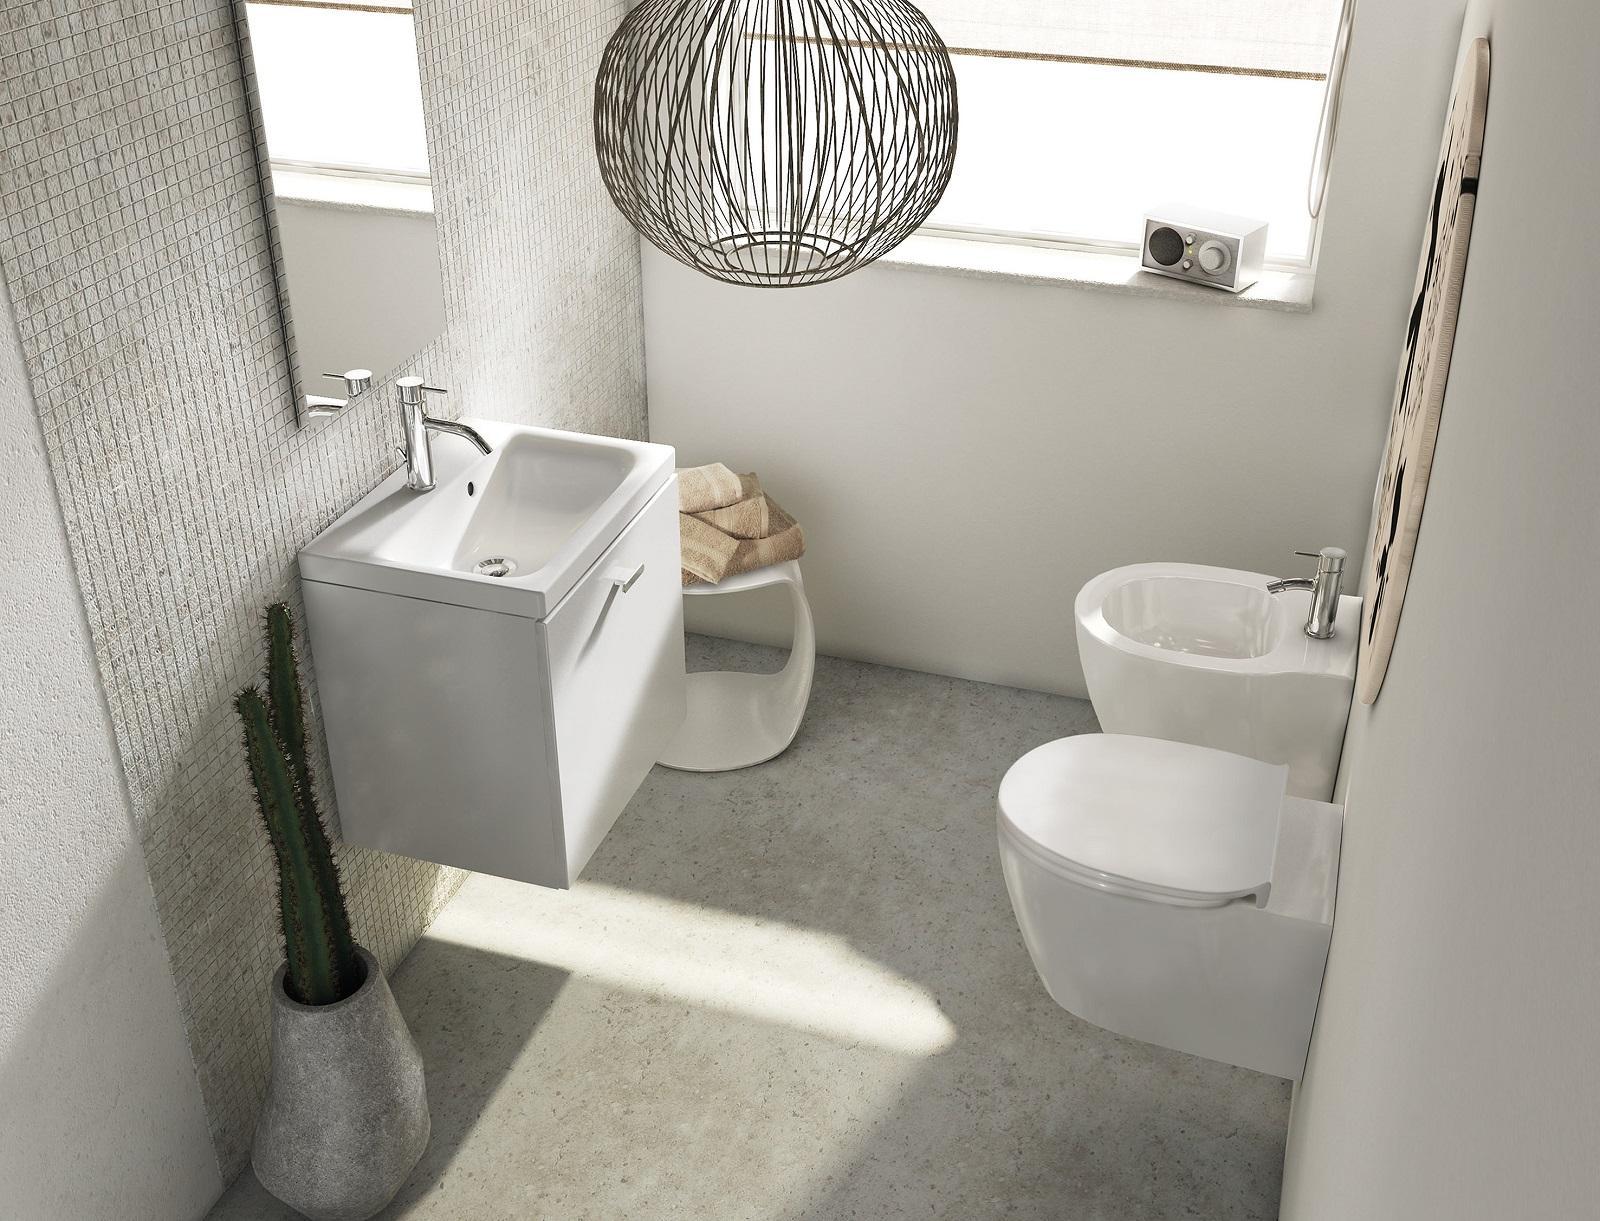 Mobili bagno piccoli con lavabo. Bianchi, in legno o ...